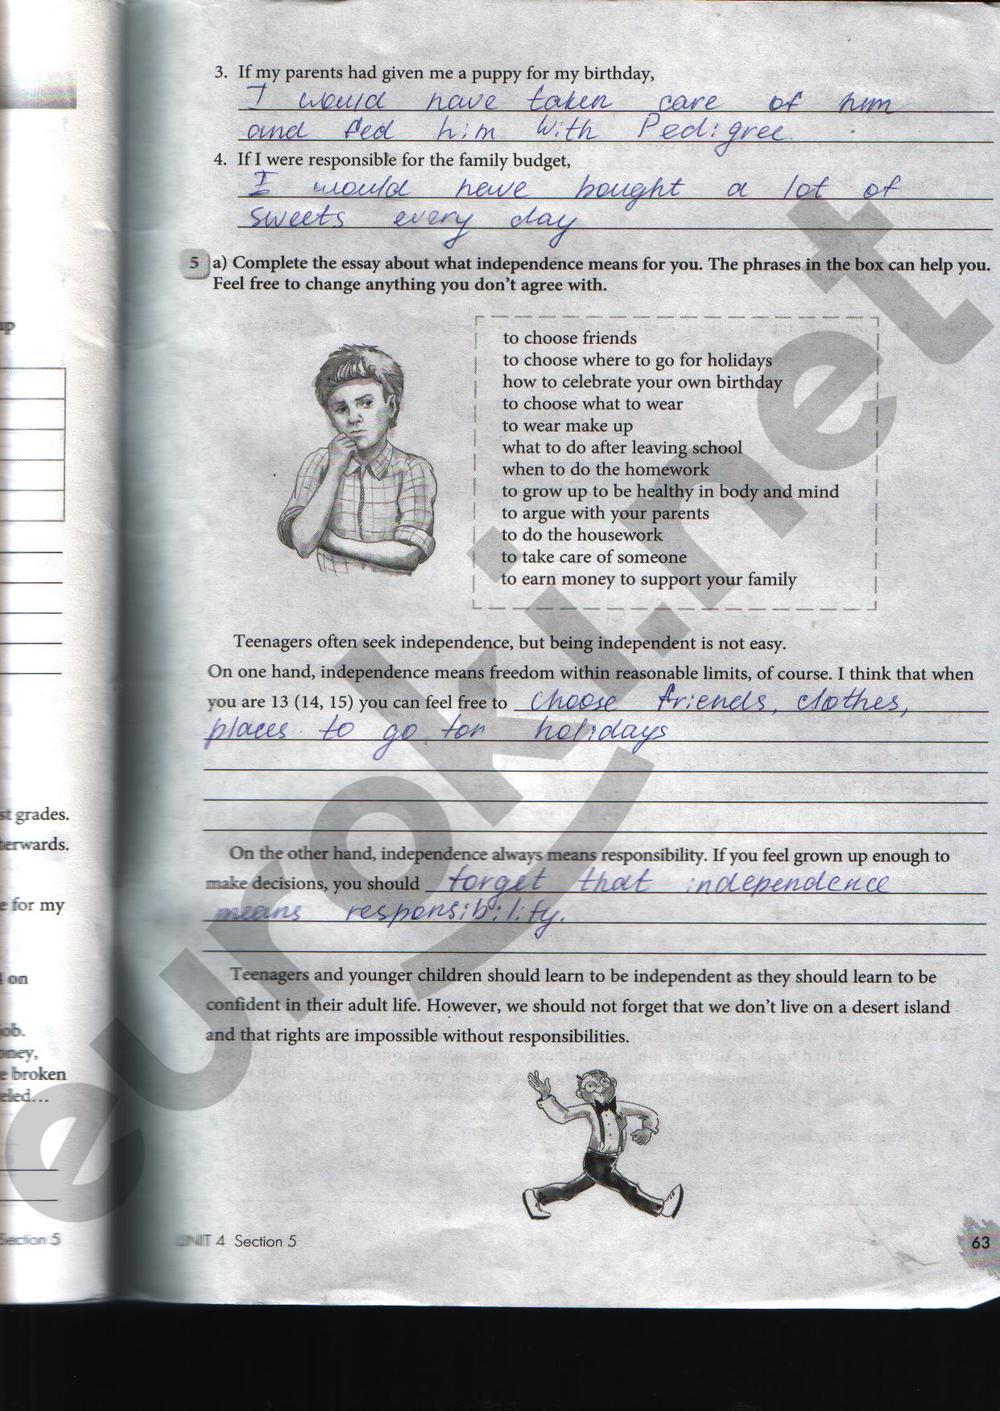 иностранный язык 8 класс рабочая тетрадь биболетова гдз